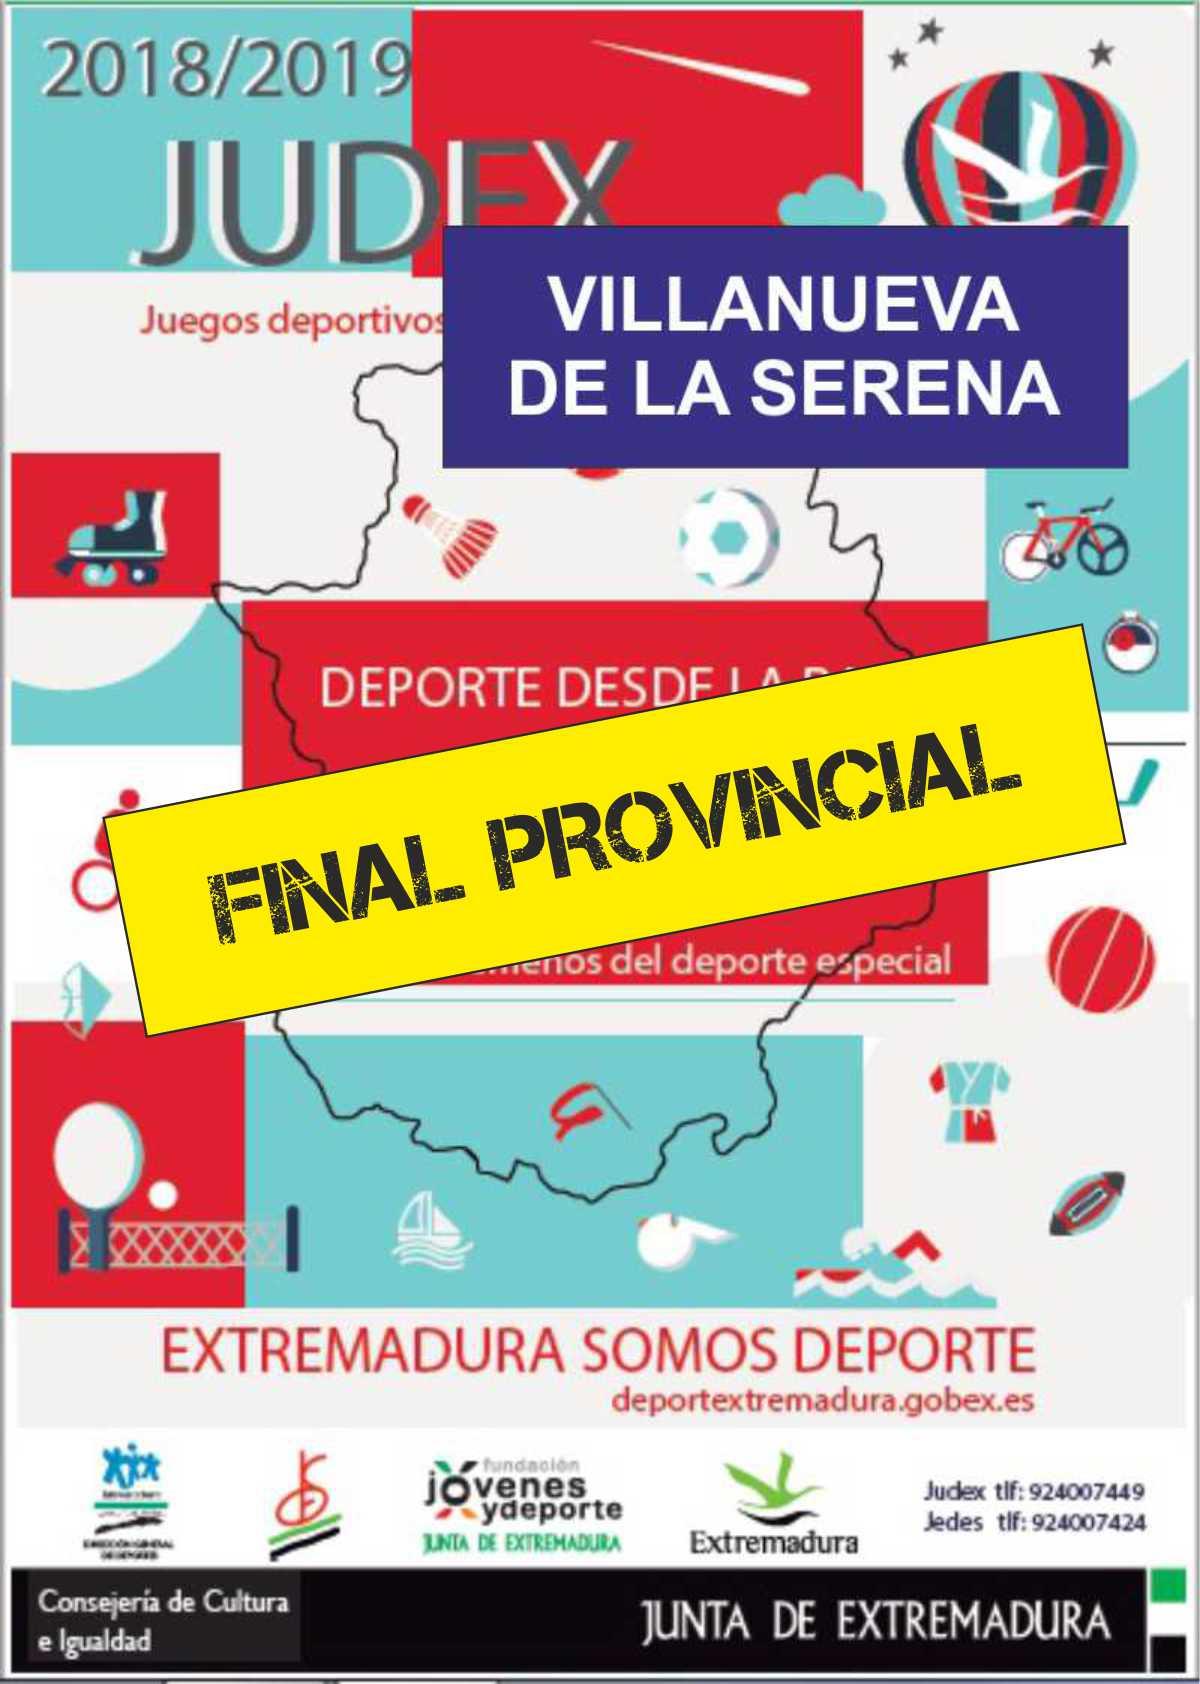 JUDEX Final provincial 2019 Villanueva de la Serena